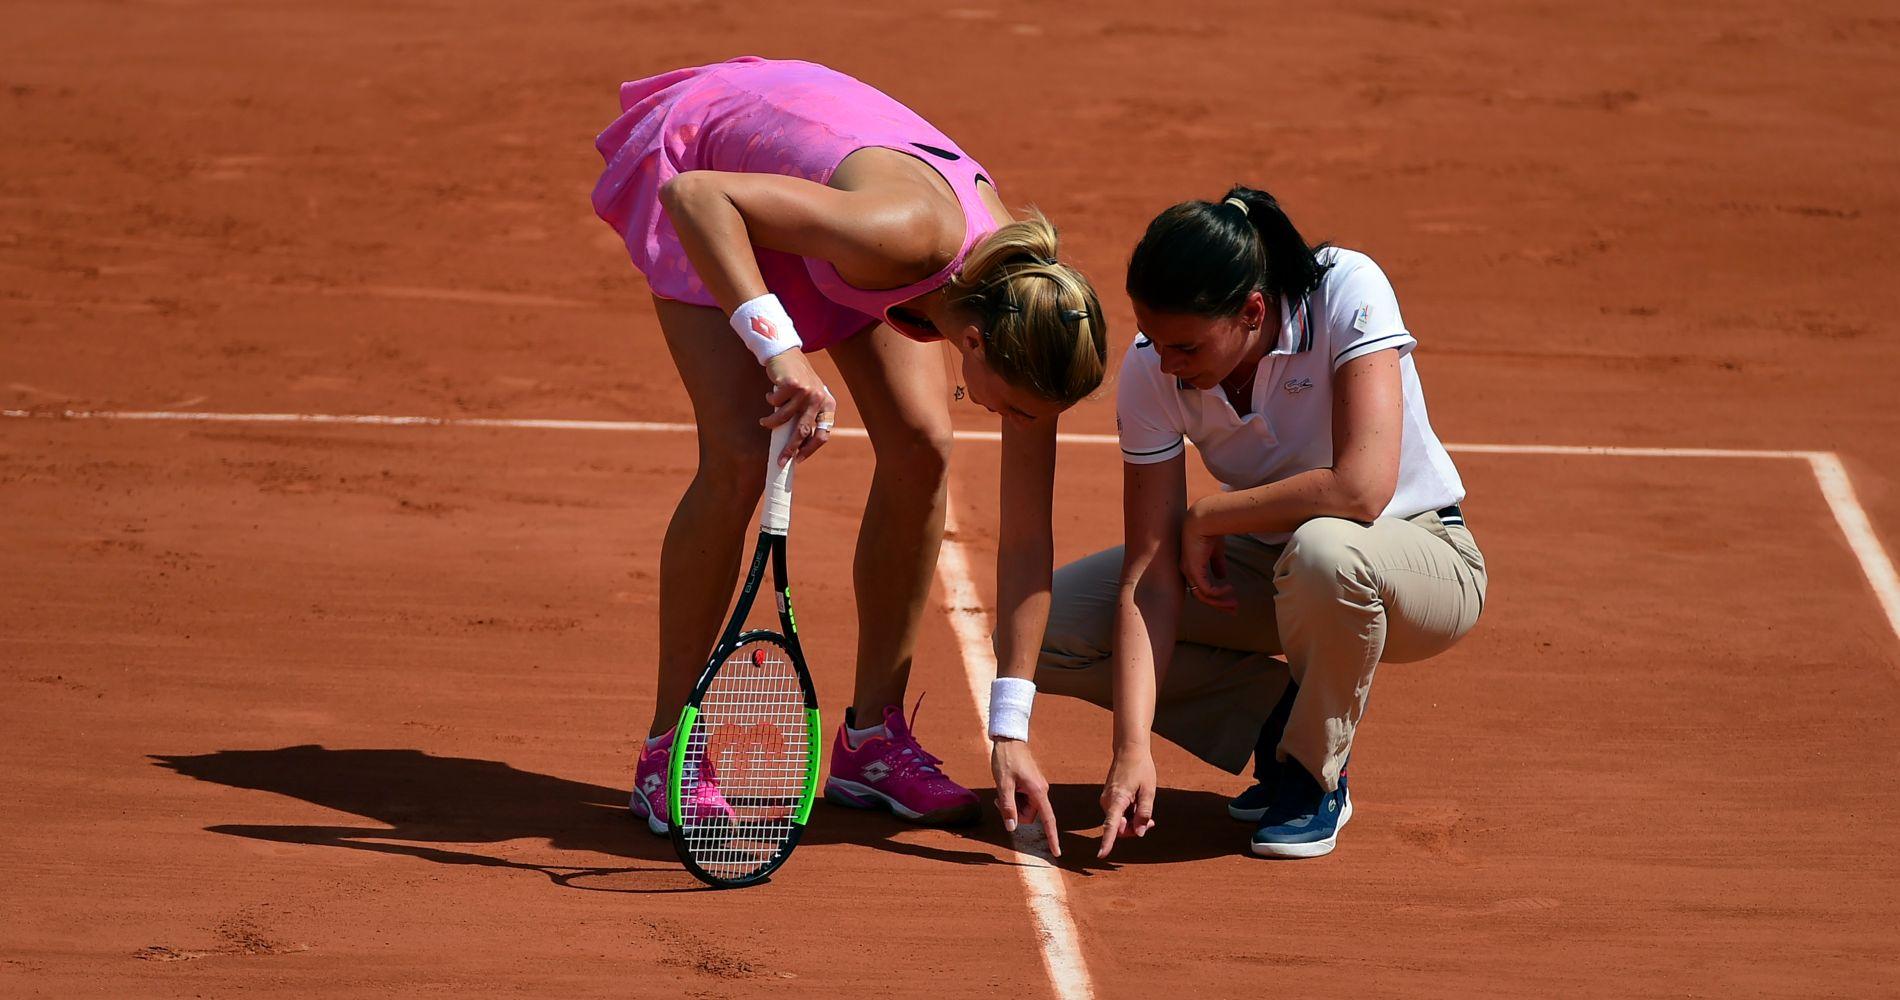 Juge de ligne - Petra Martic - 1st round Roland-Garros 2017